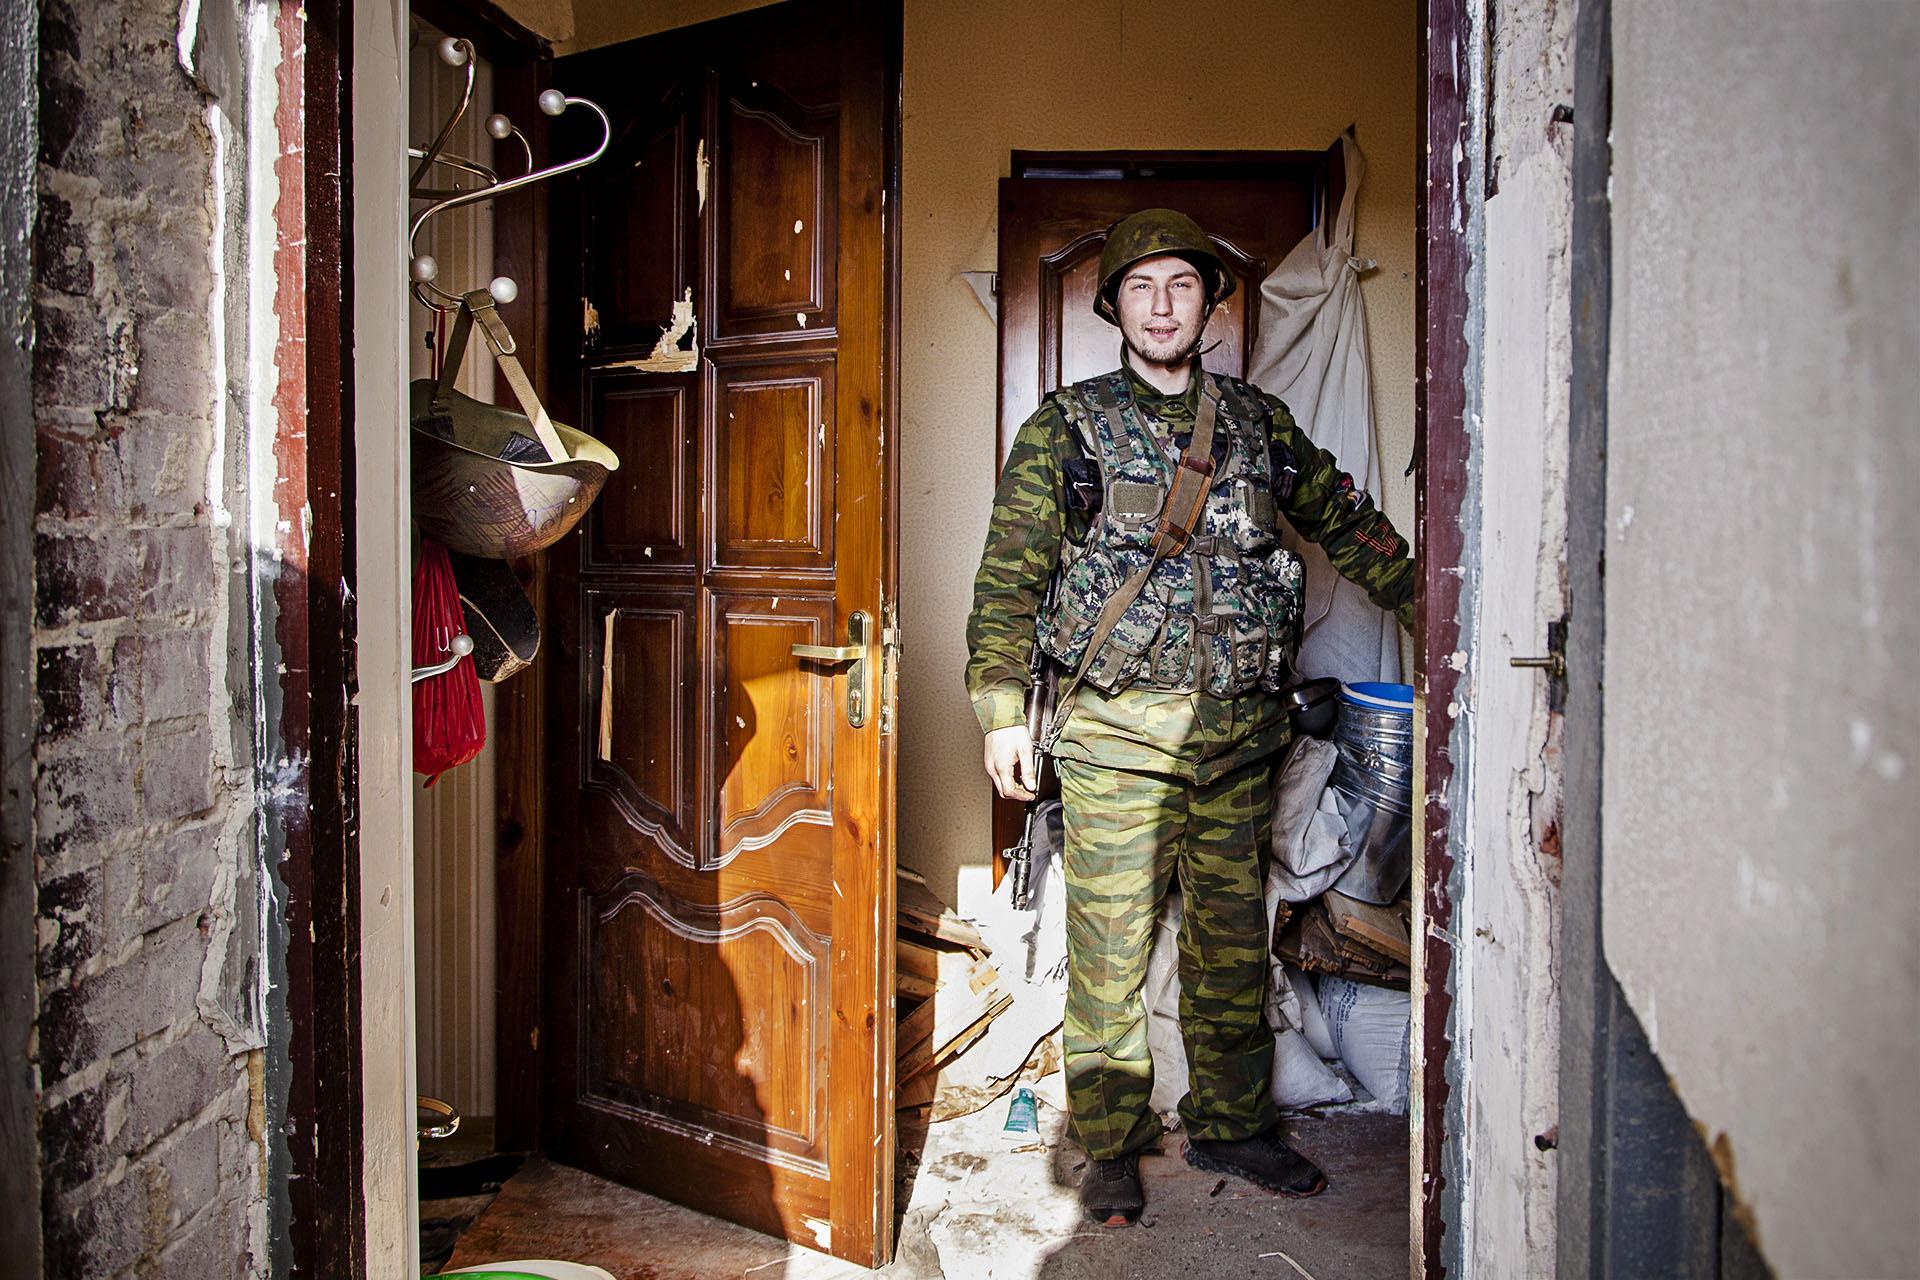 Joven soldado de la RPD